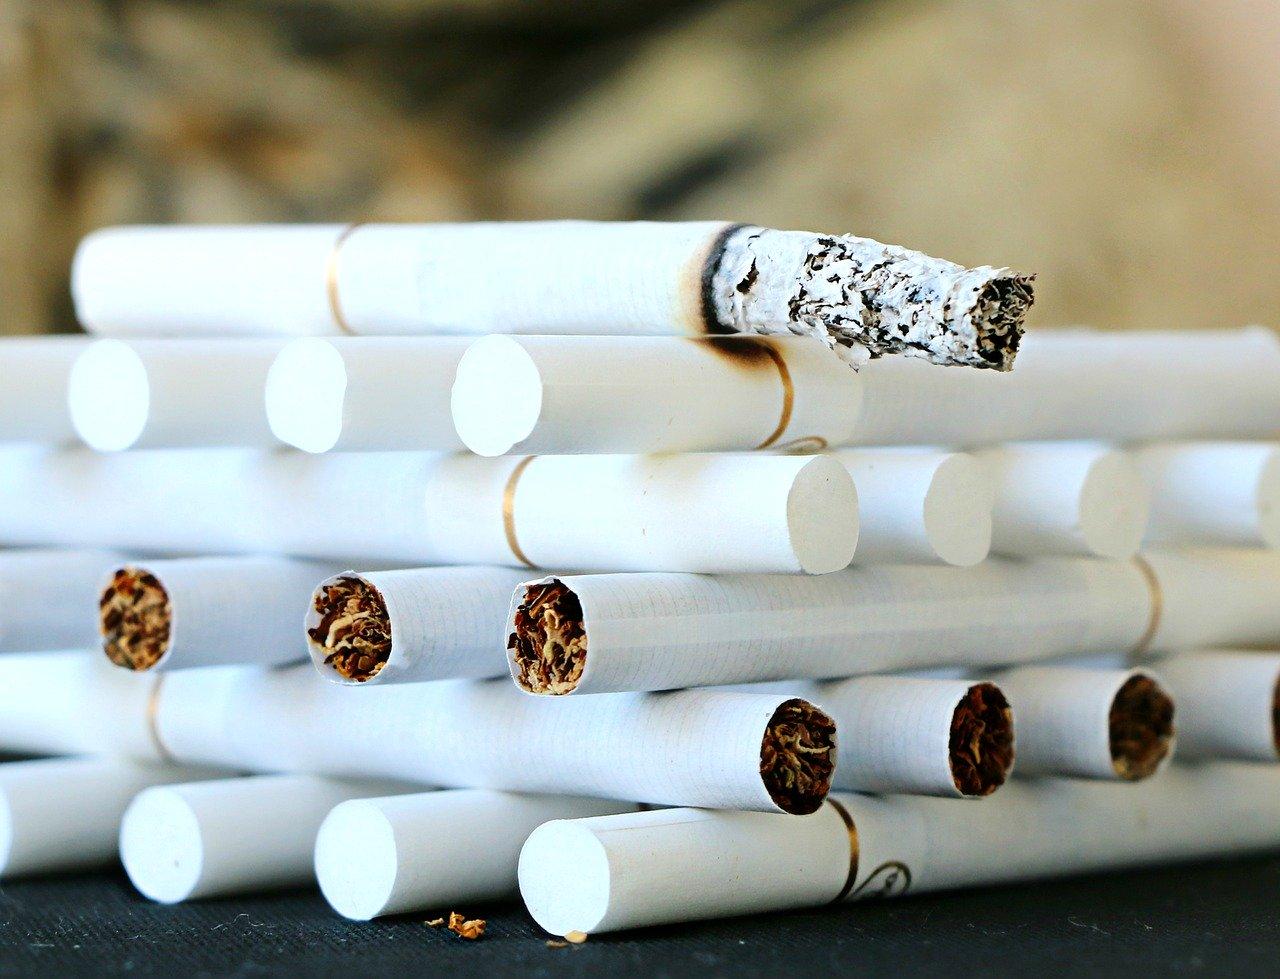 Citisina la terapia naturale per smettere di fumare: cosa ...